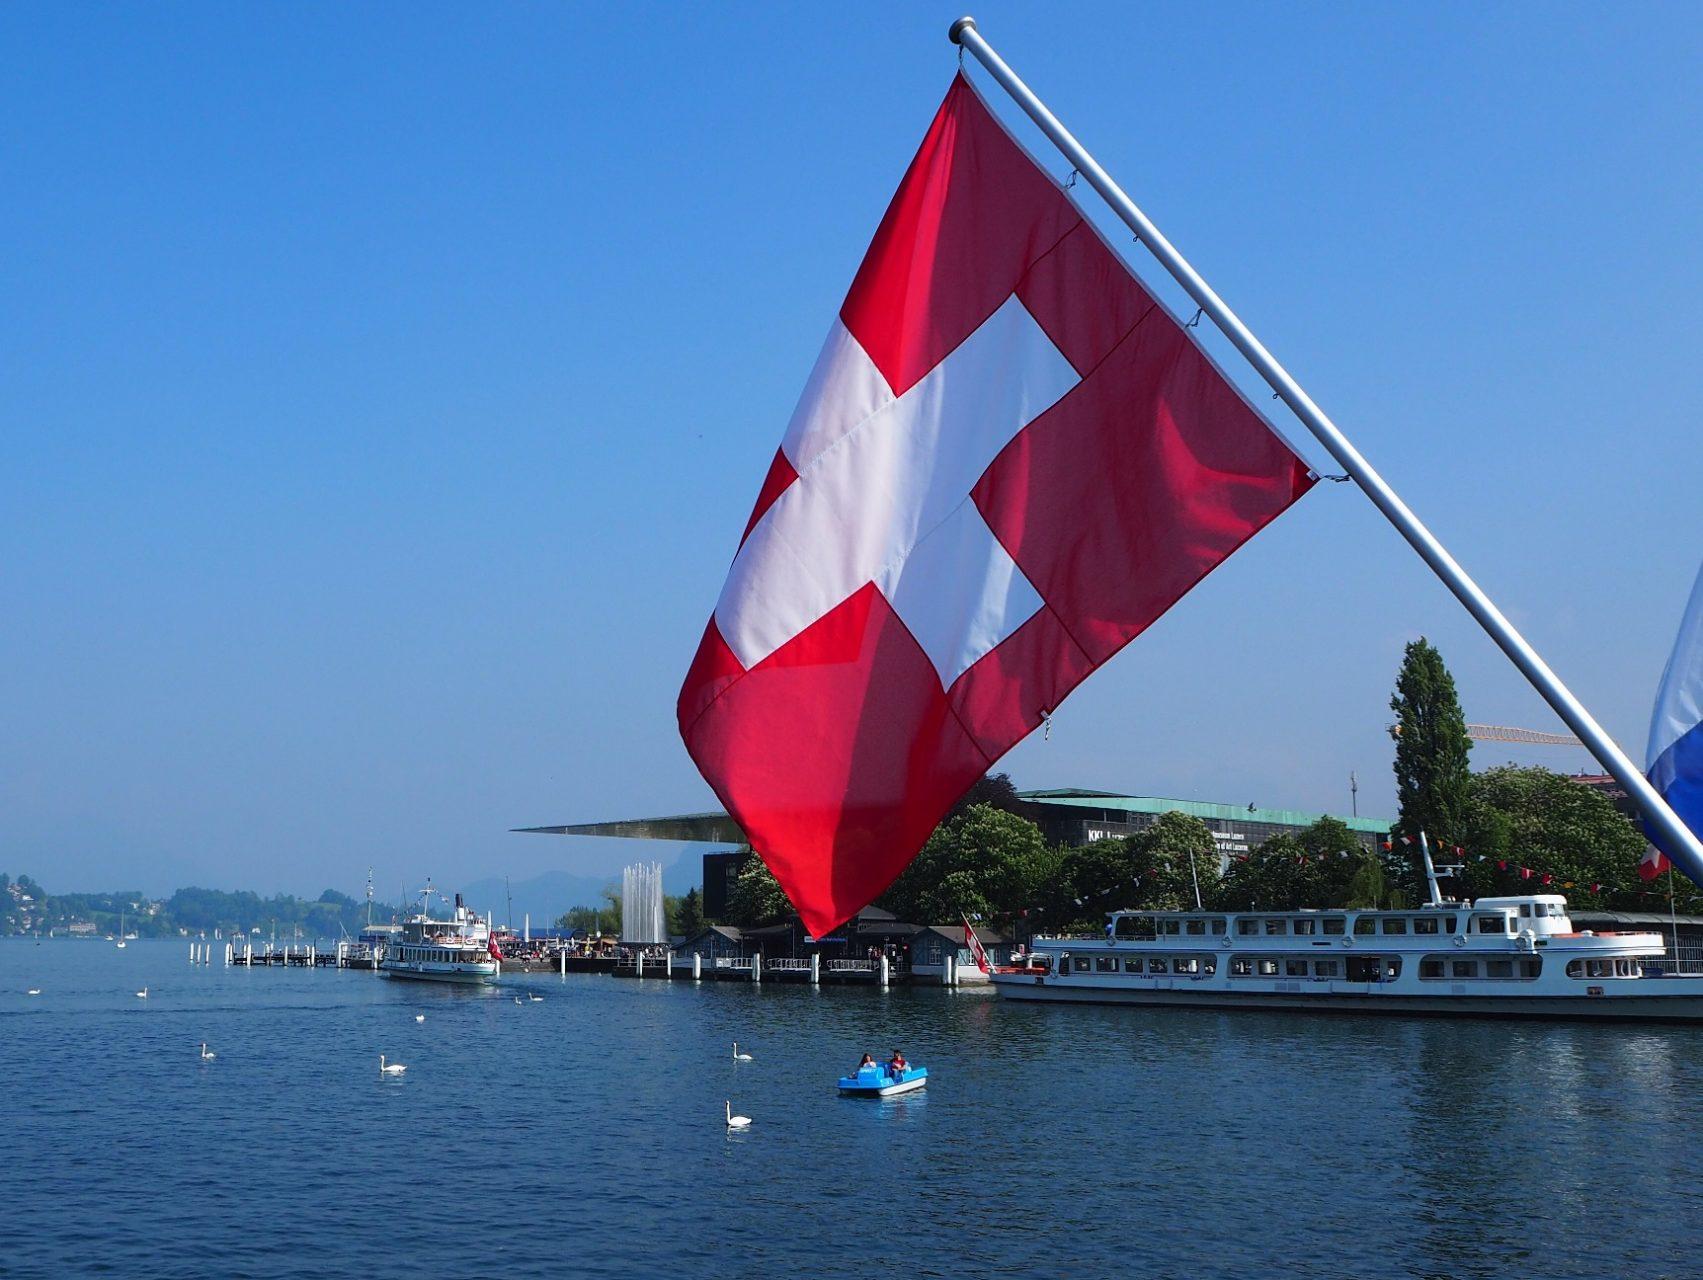 Zentralschweiz Luzern Vierwaldstättersee